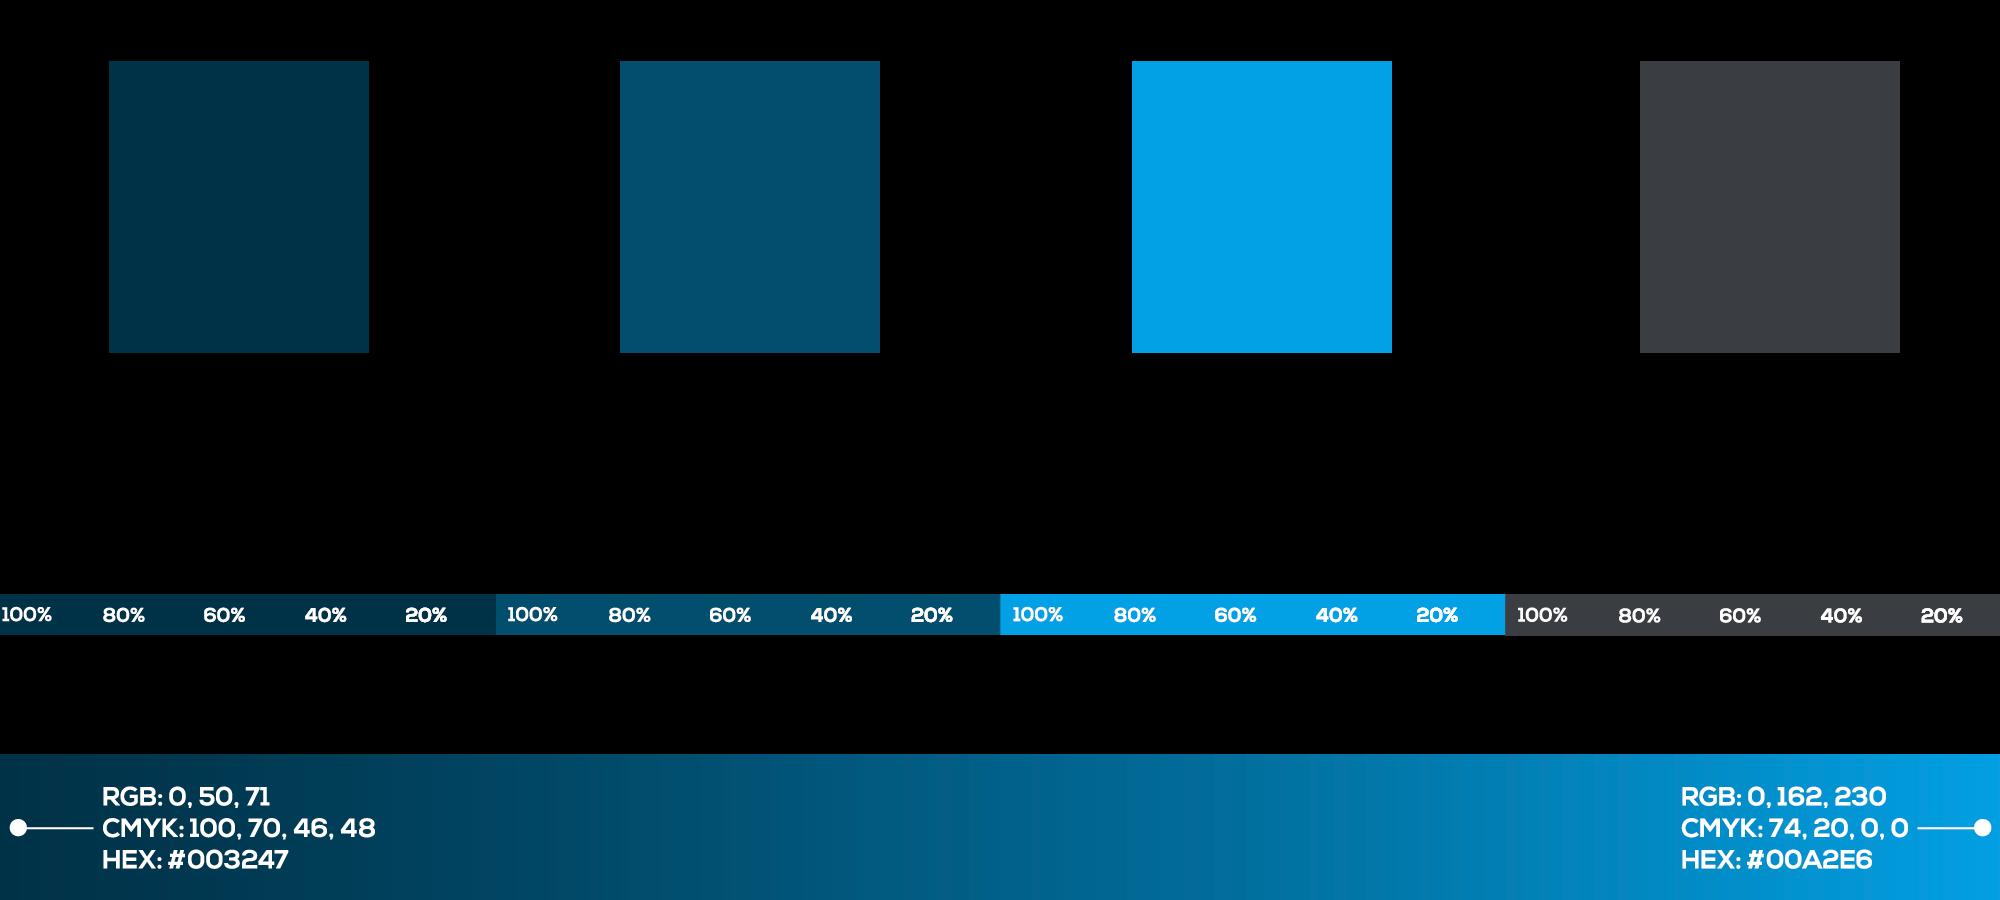 Wiman Logo Colors - Mesh Hub